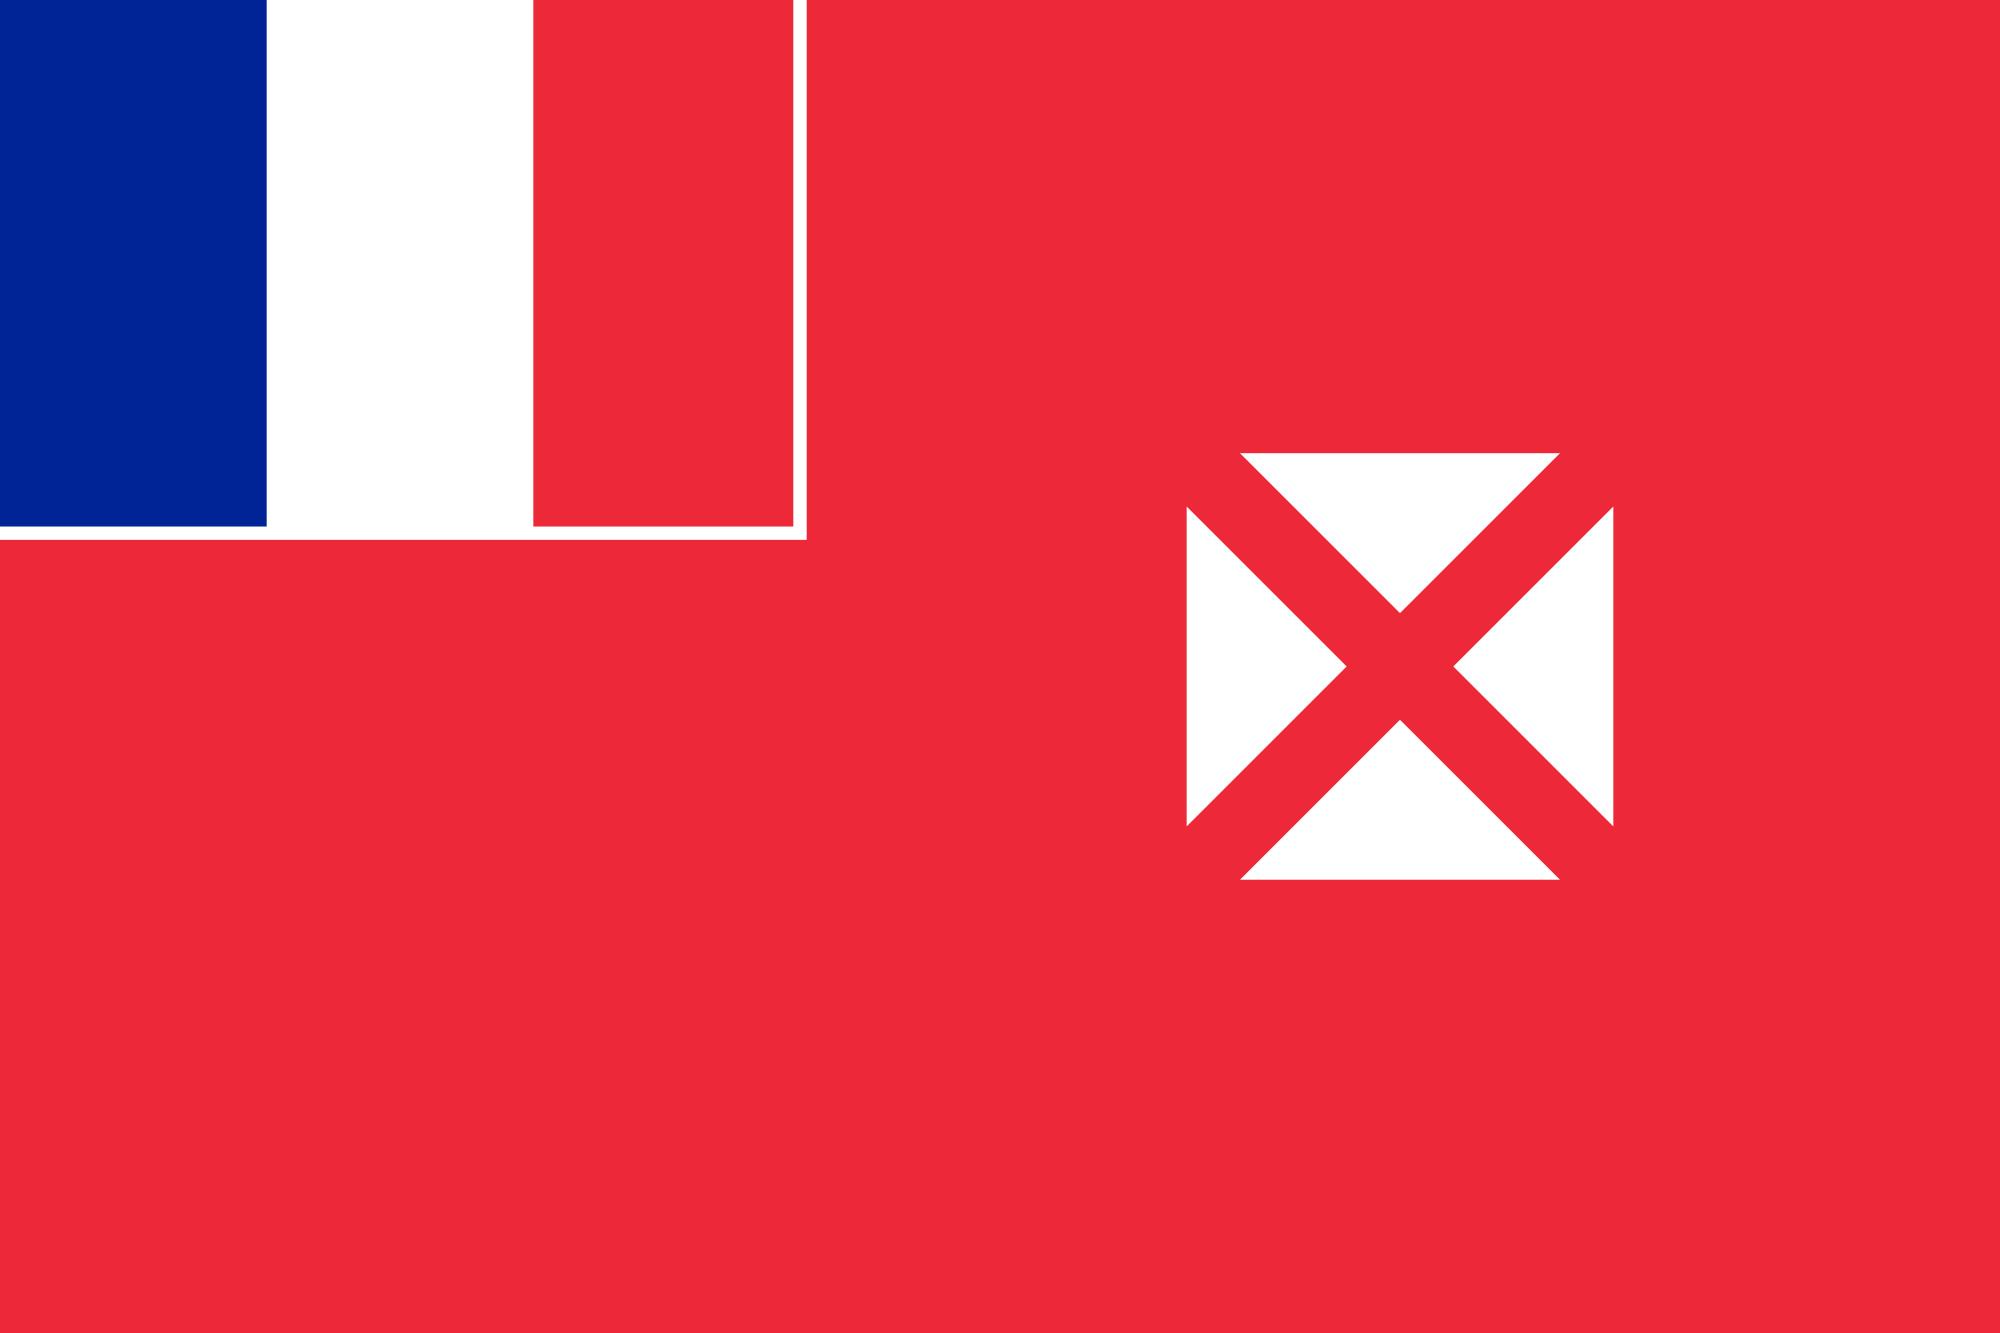 wallis y futuna, país, emblema, insignia, σύμβολο - Wallpapers HD - Professor-falken.com